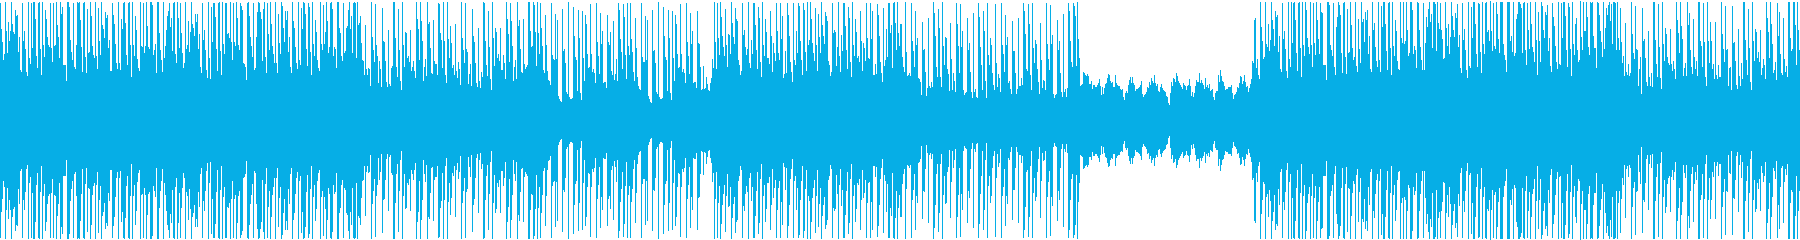 和風 日本 ラウンジ 琴 お洒落 ポップの再生済みの波形